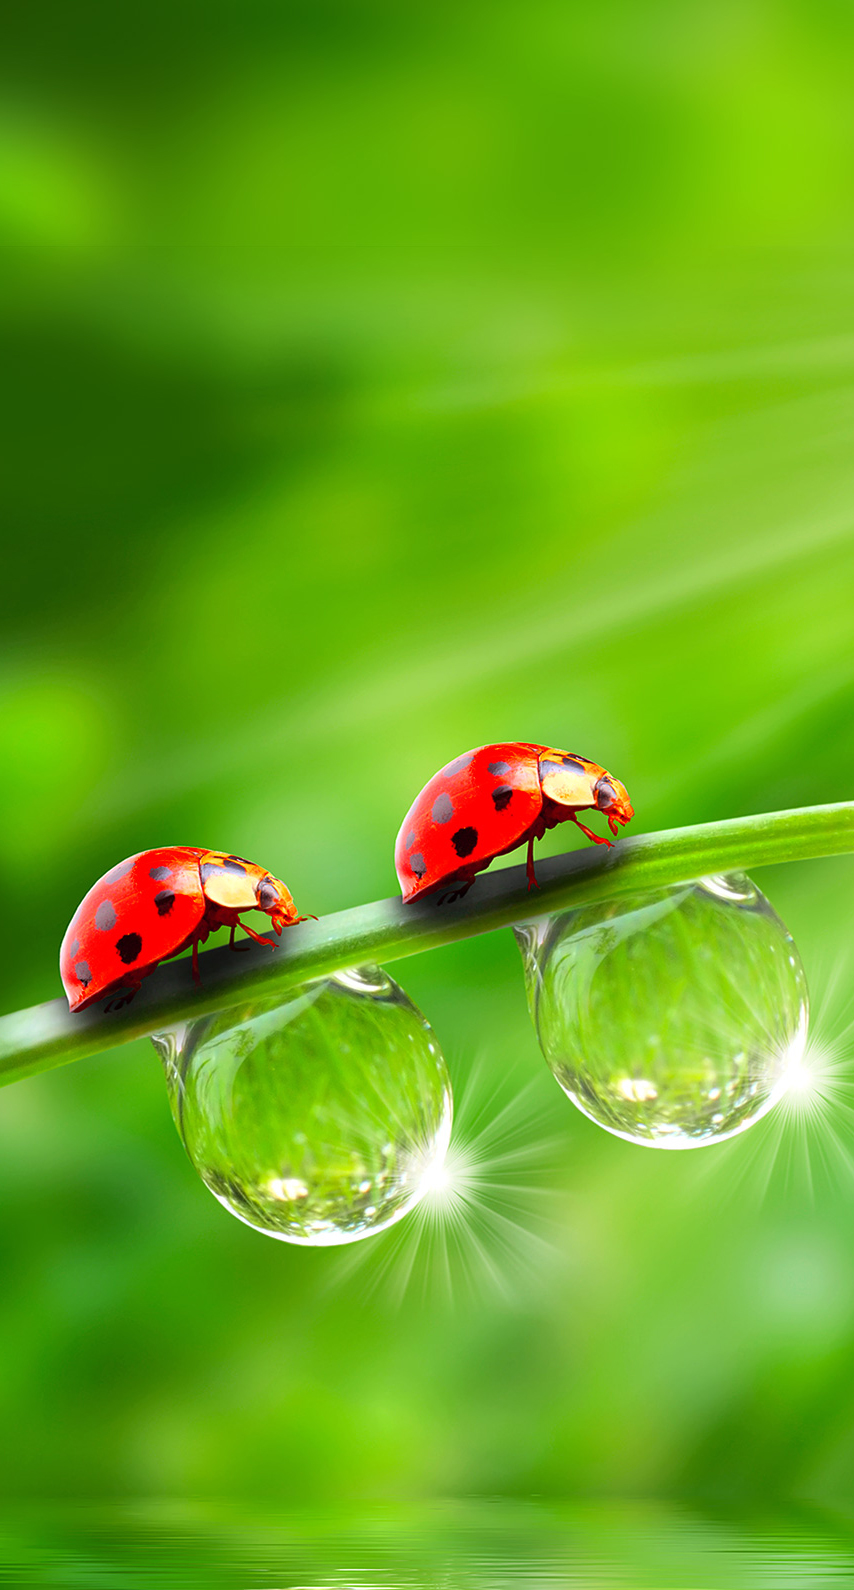 summer, flora, garden, purity, biology, environment, growth, moisture